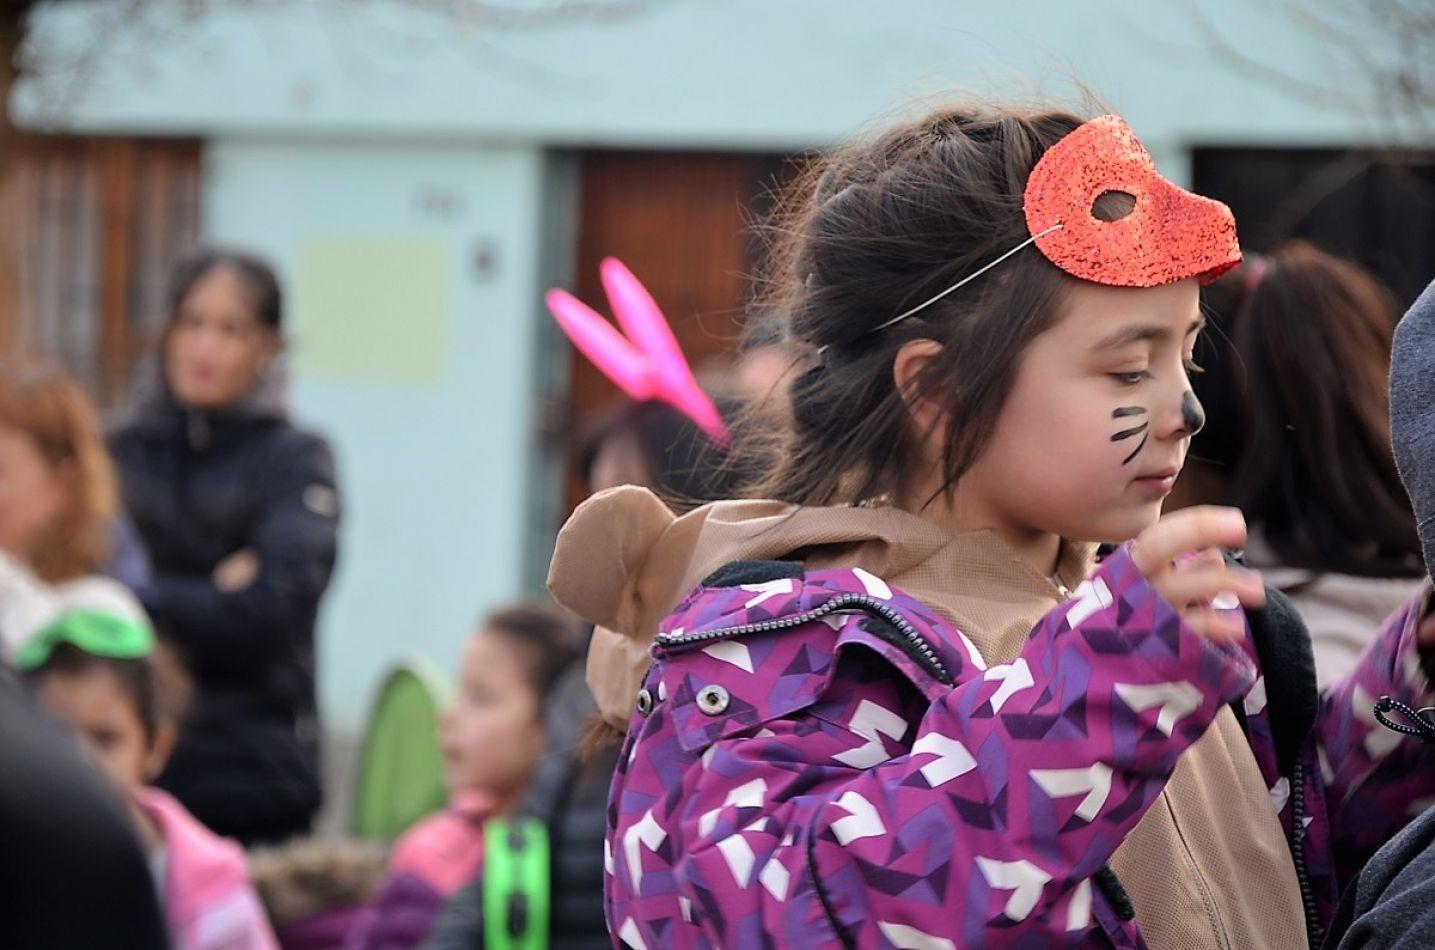 La murga y los desfiles se extendieron por dos cuadras.